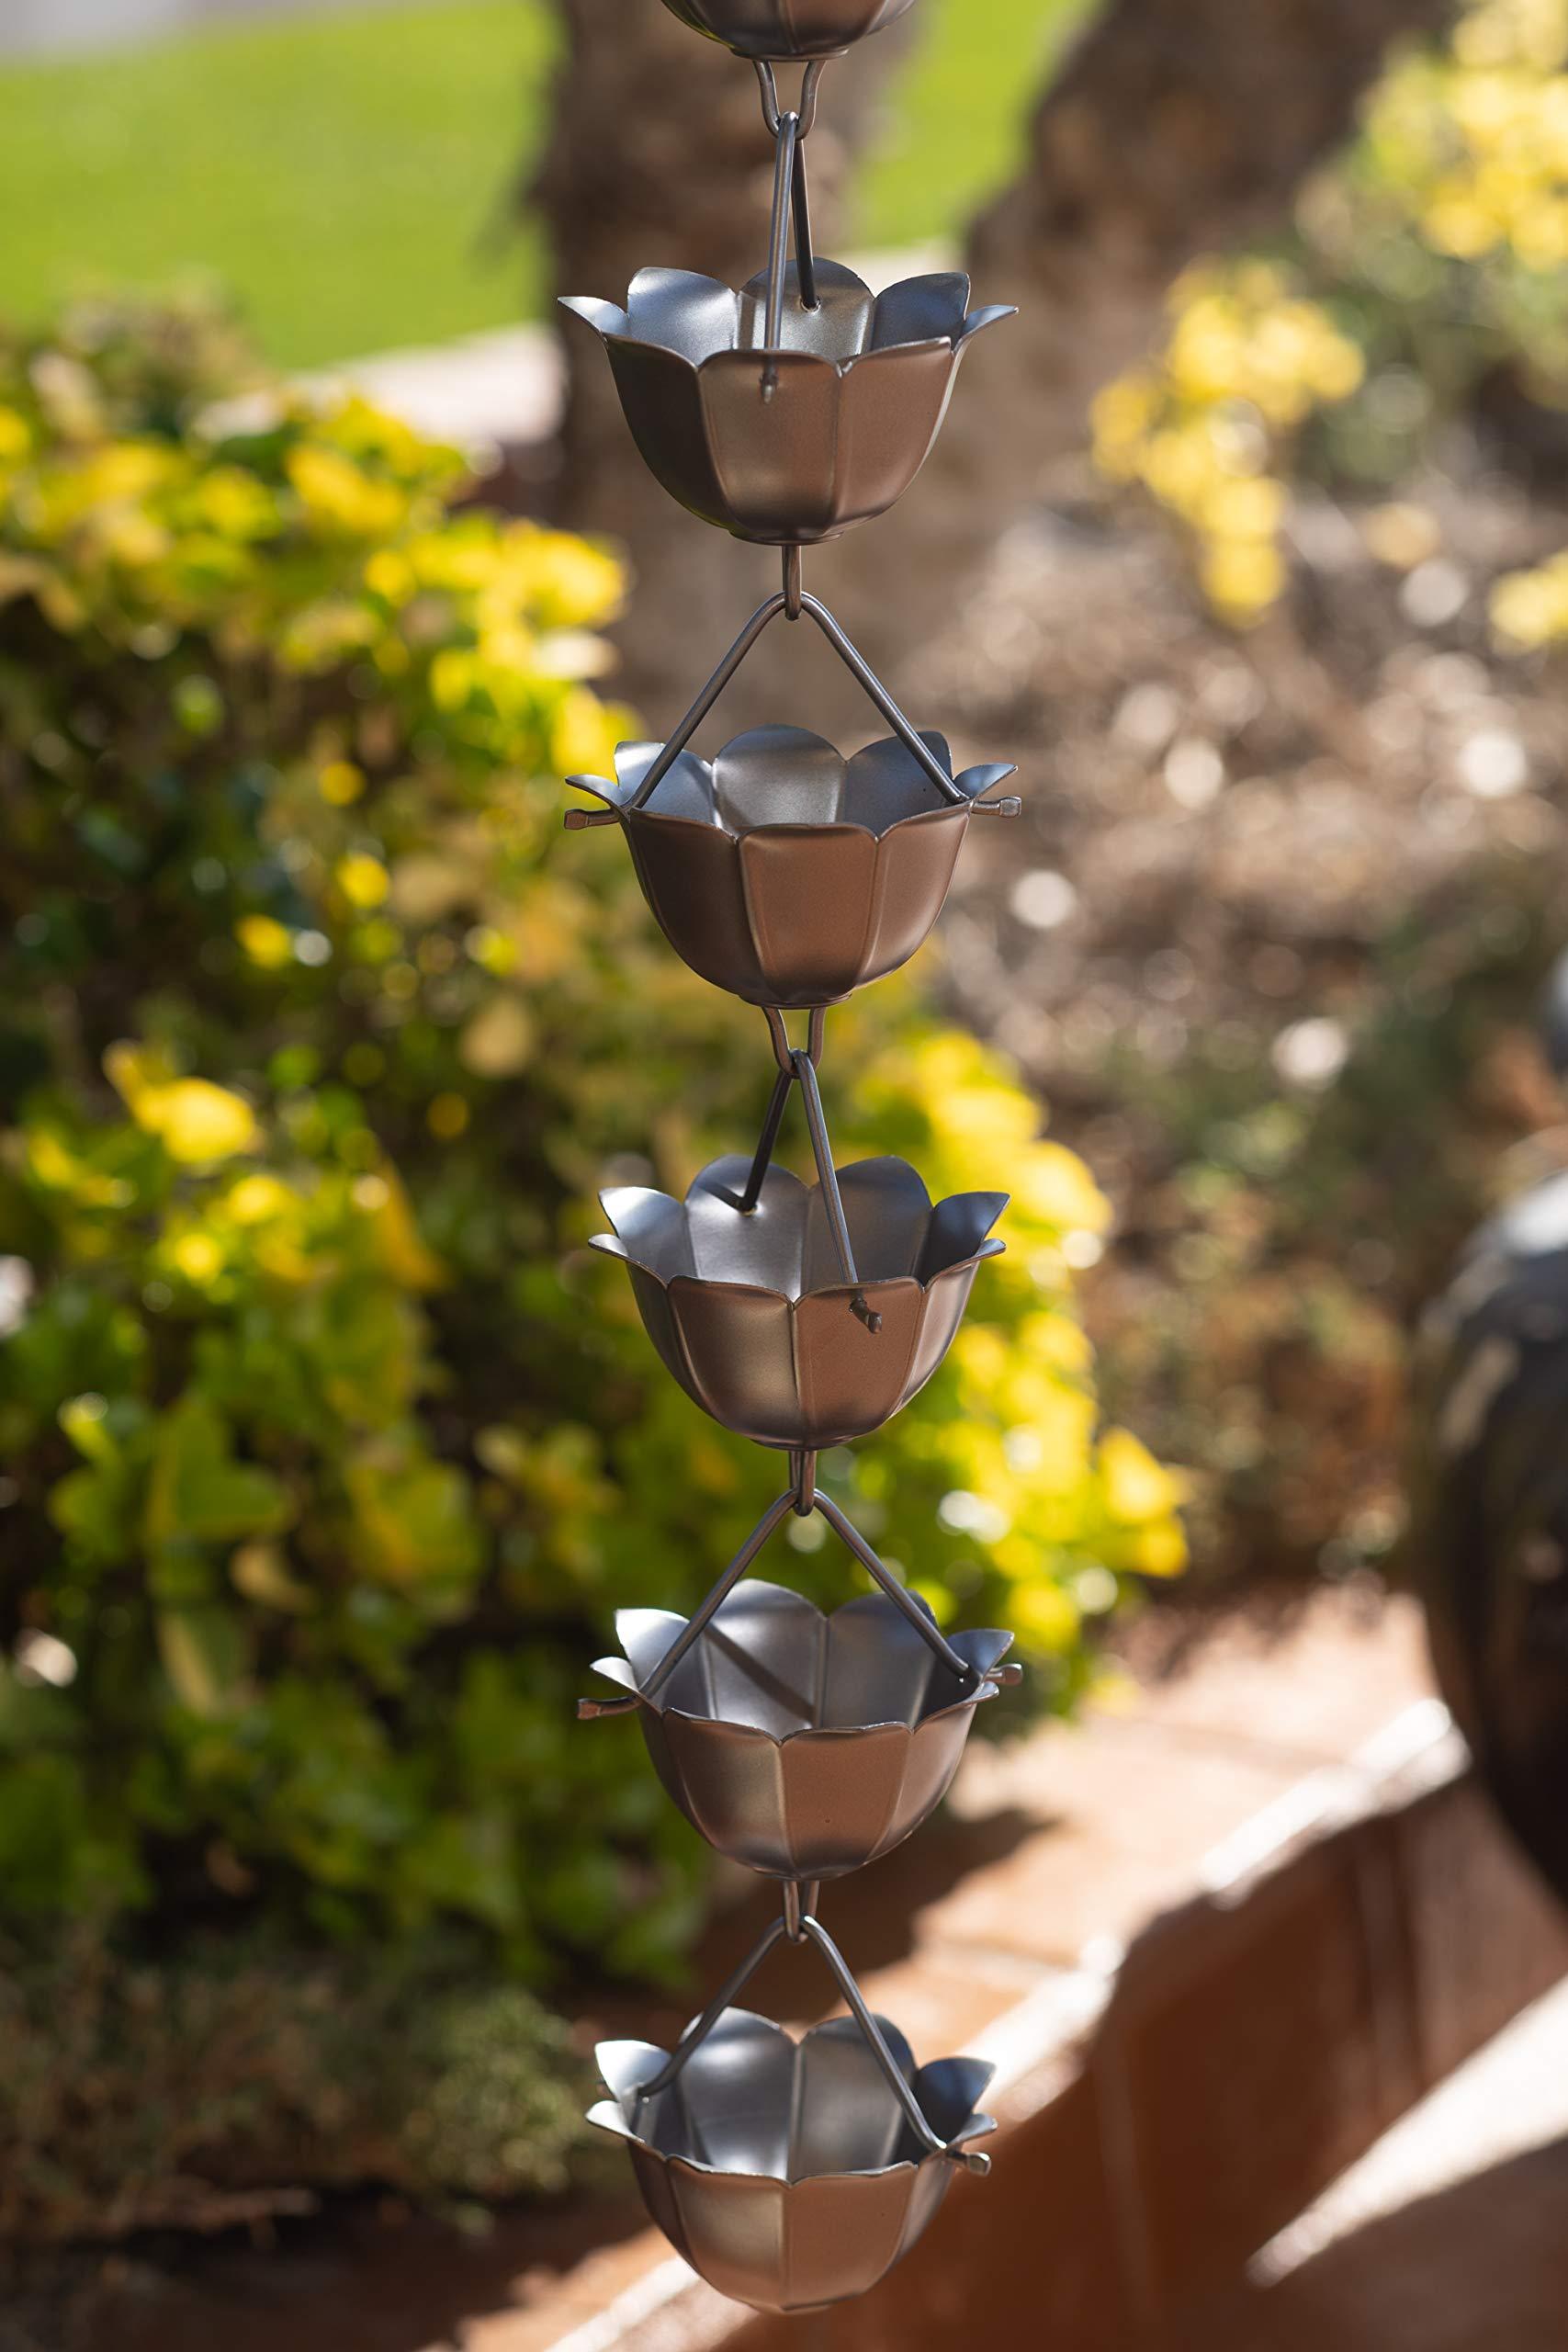 Monarch Rain Chains 18023 Aluminum Lotus Rain Chain, 8-1/2-Feet Length, Pewter by Monarch Rain Chains (Image #3)